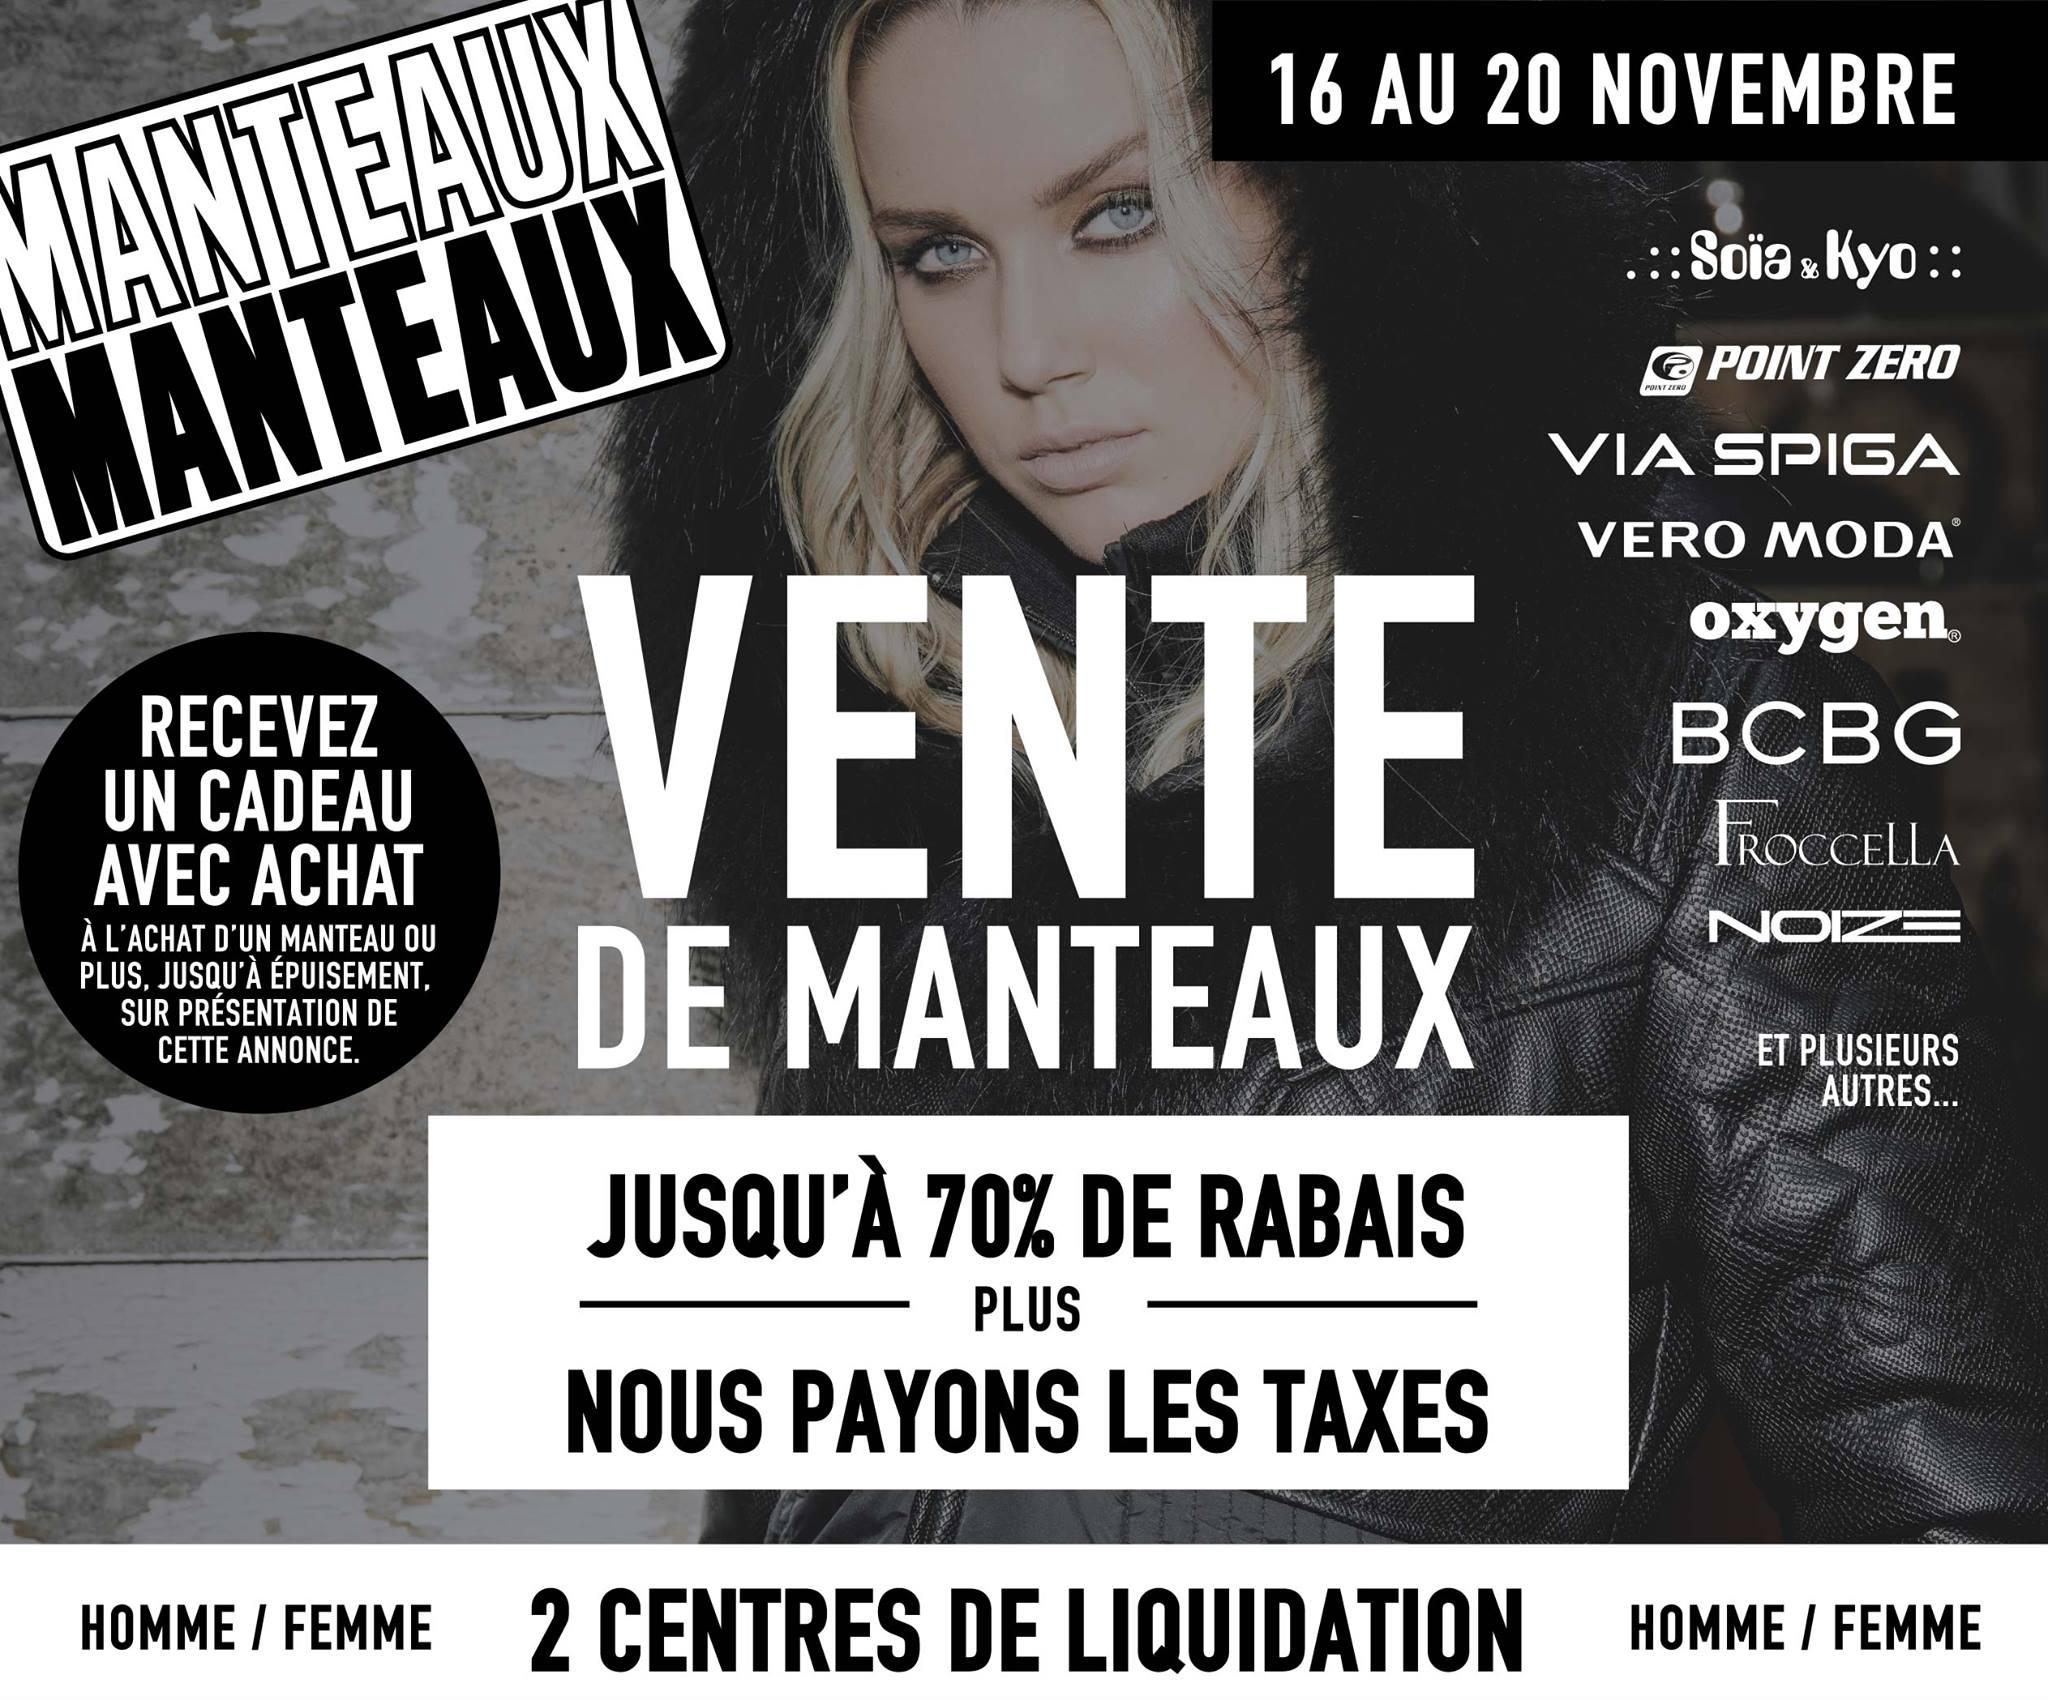 Vente d 39 entrep t manteaux manteaux for Liquidation entrepot